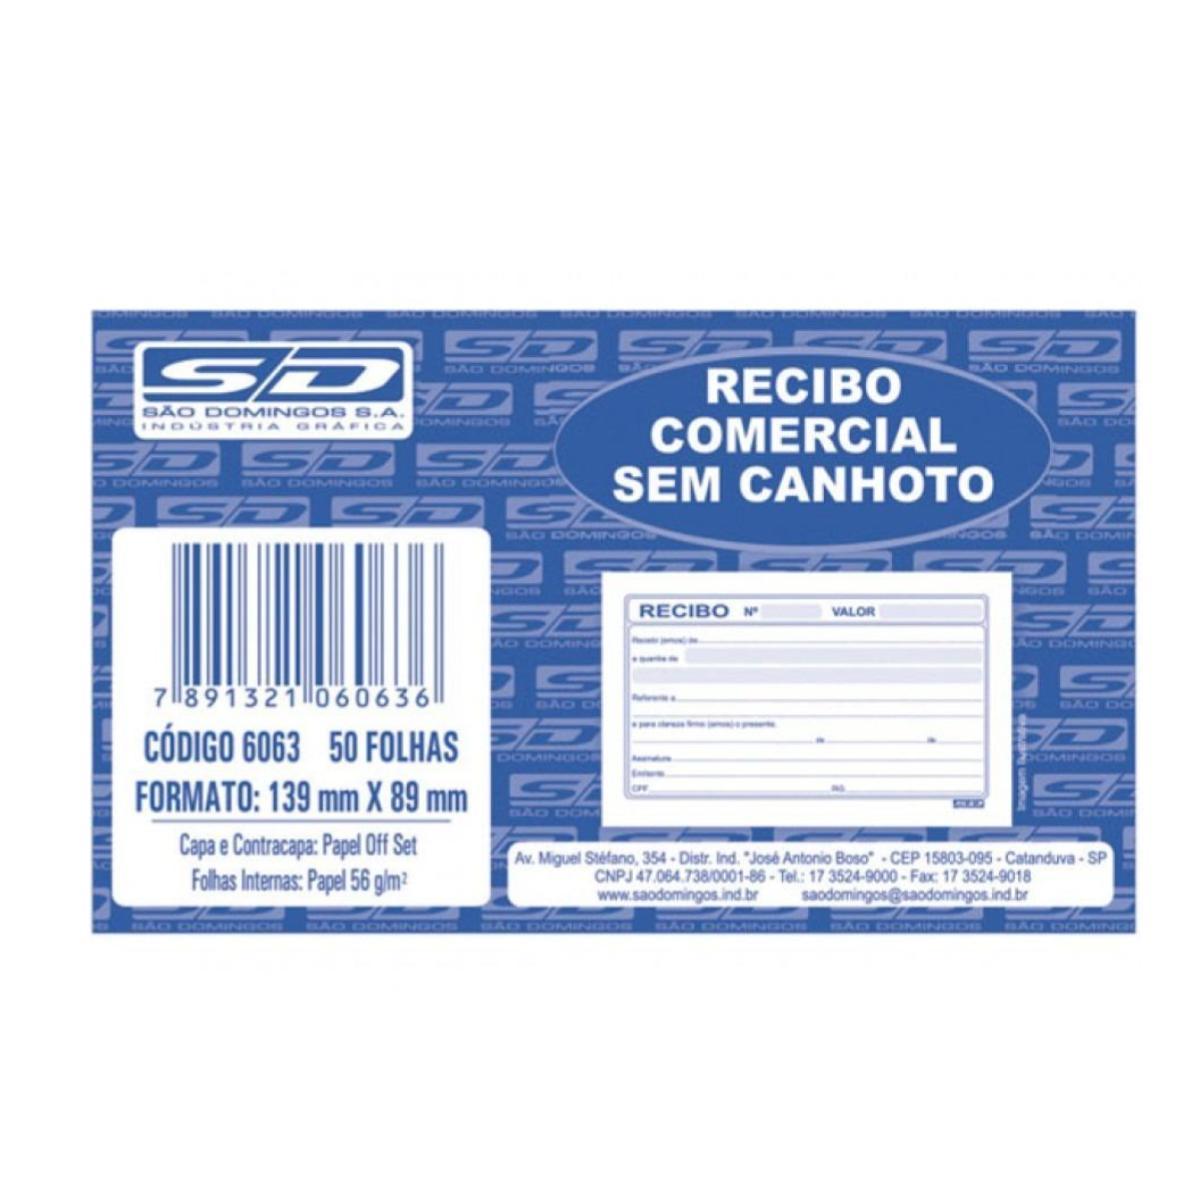 Recibo Comercial Sem Canhoto São Domingos